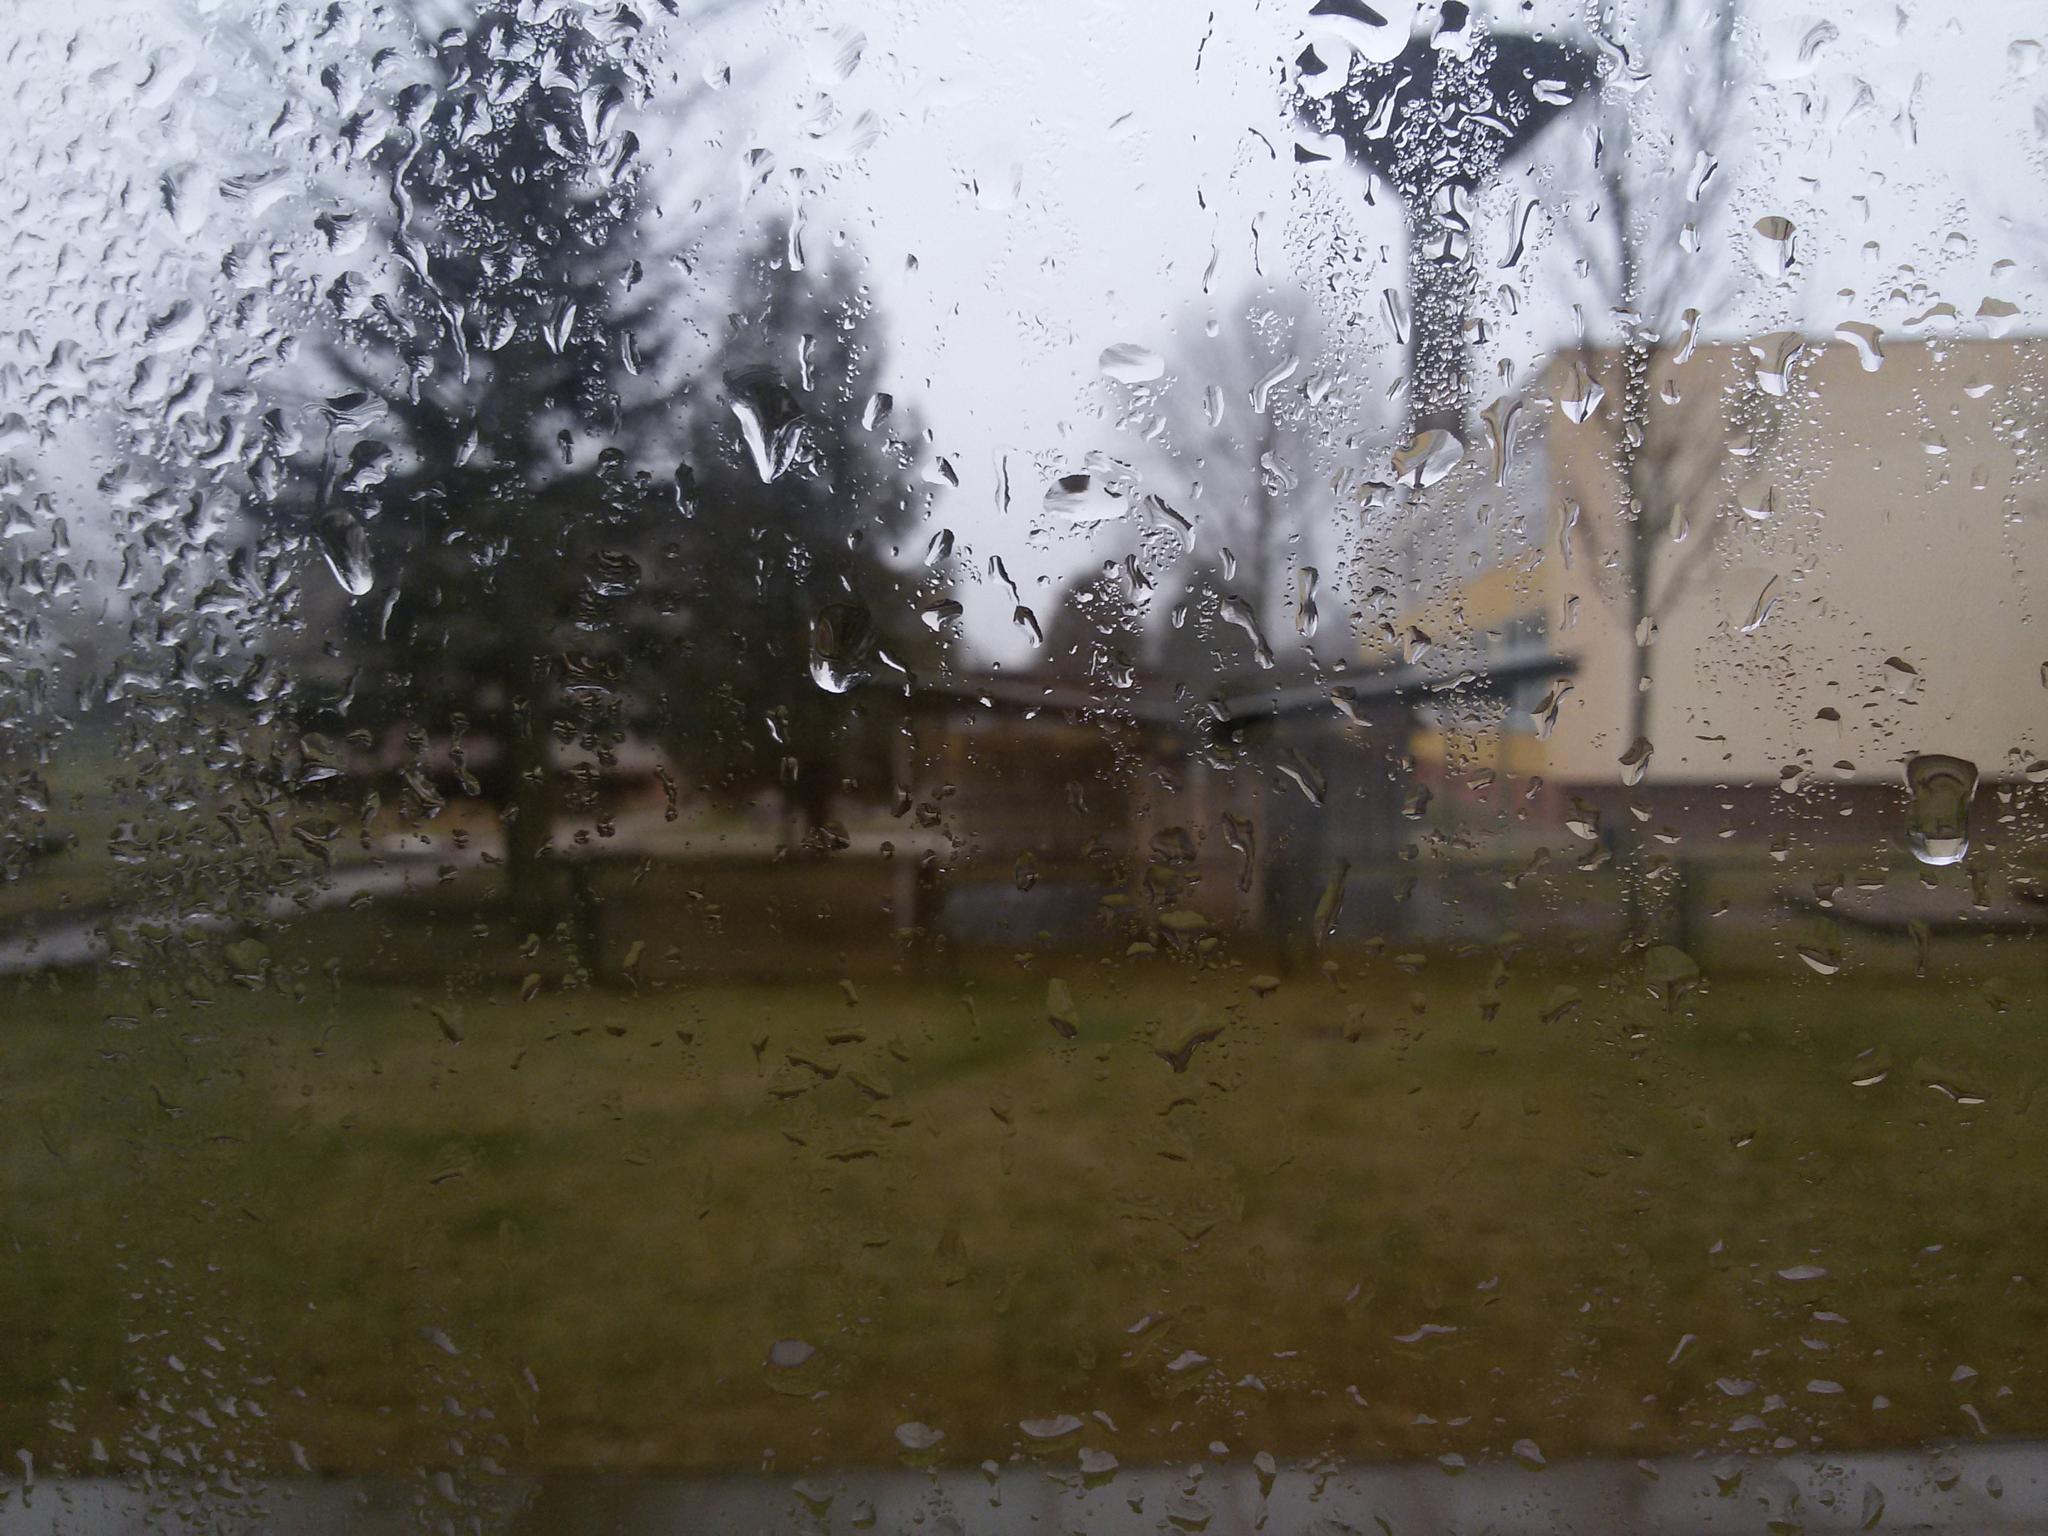 Rains by Zita Užkuraitienė